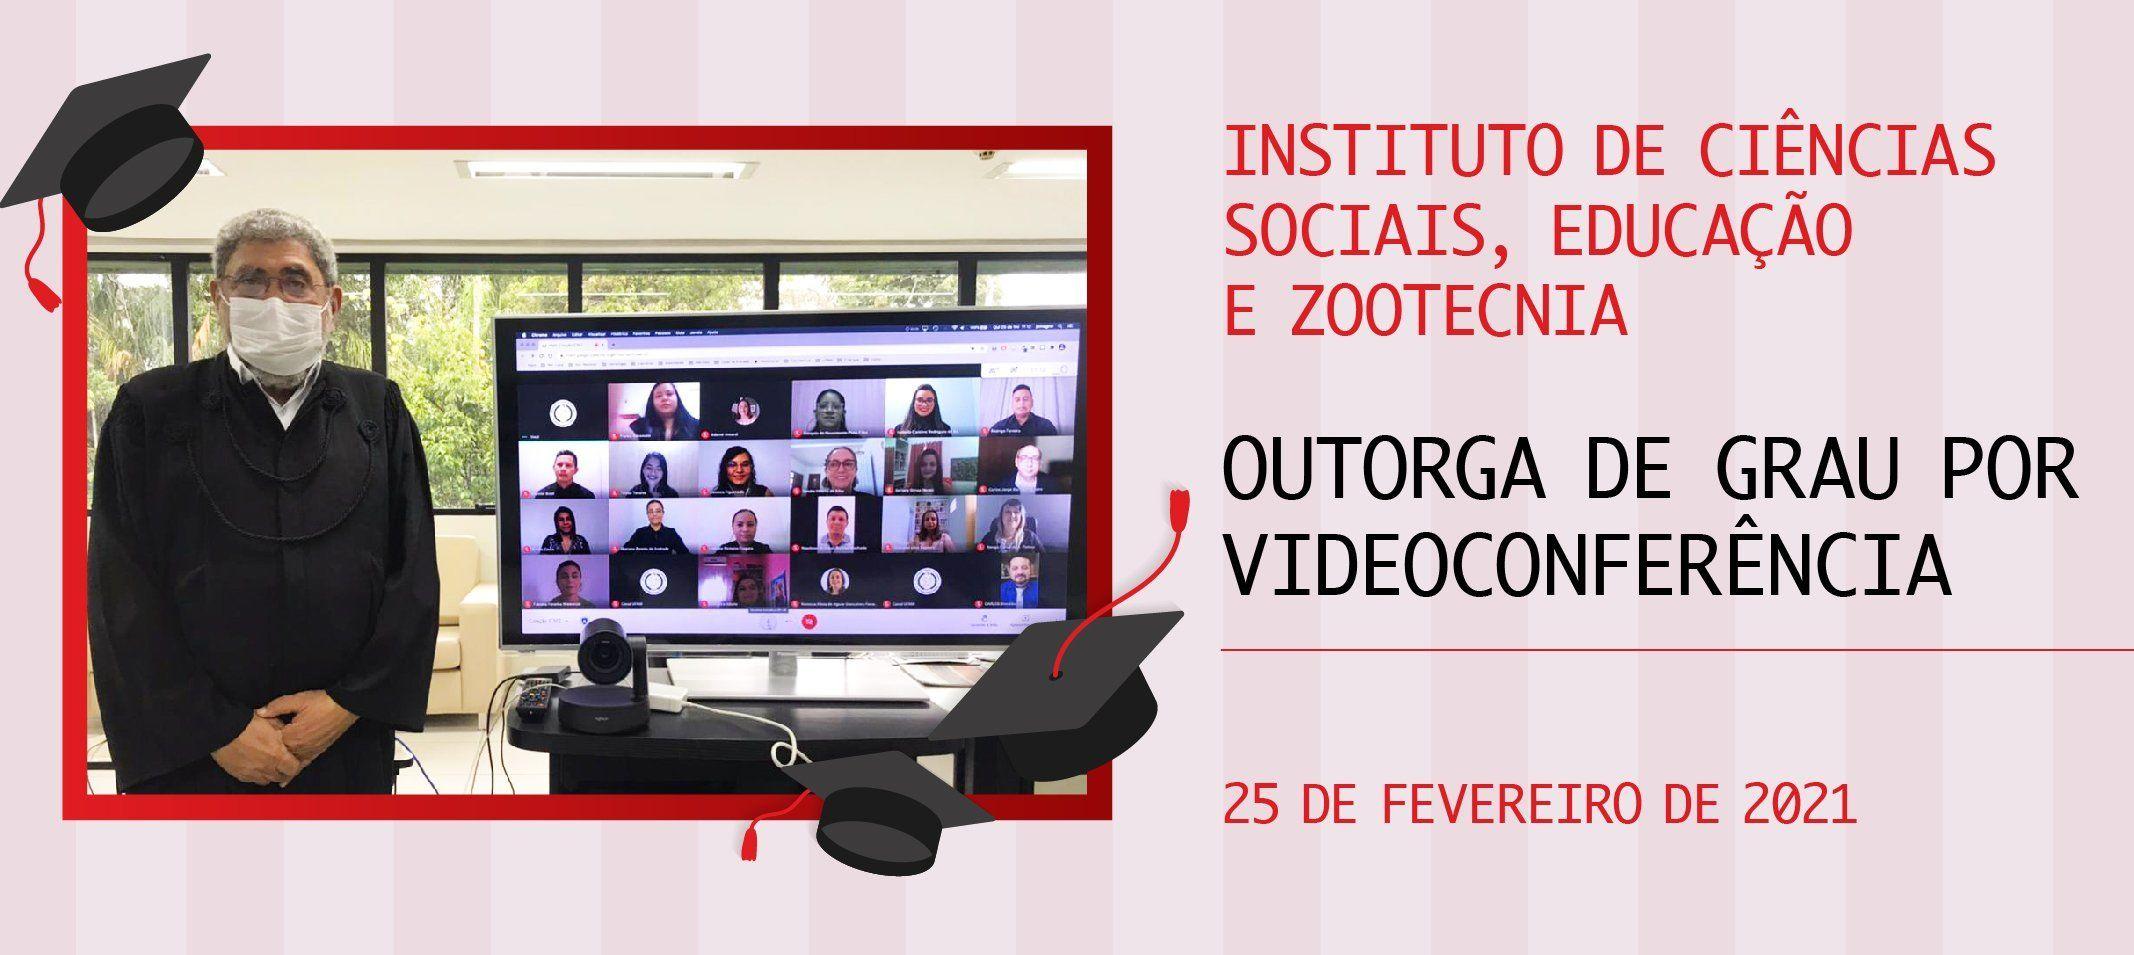 Ufam outorga grau por videoconferência a formandos do Icsez, em Parintins